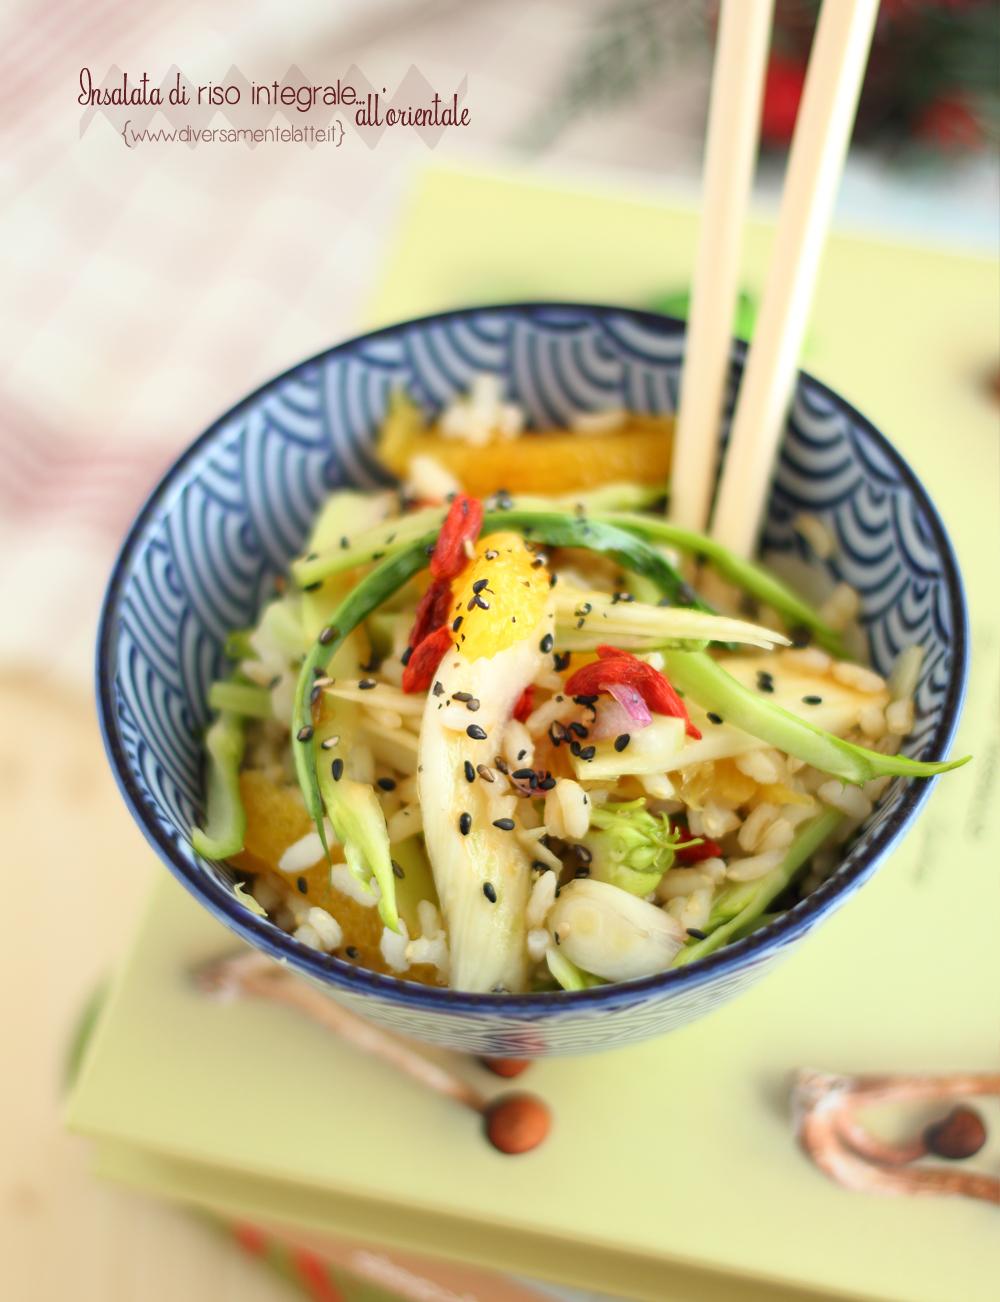 insalata di riso itegrale oriental style